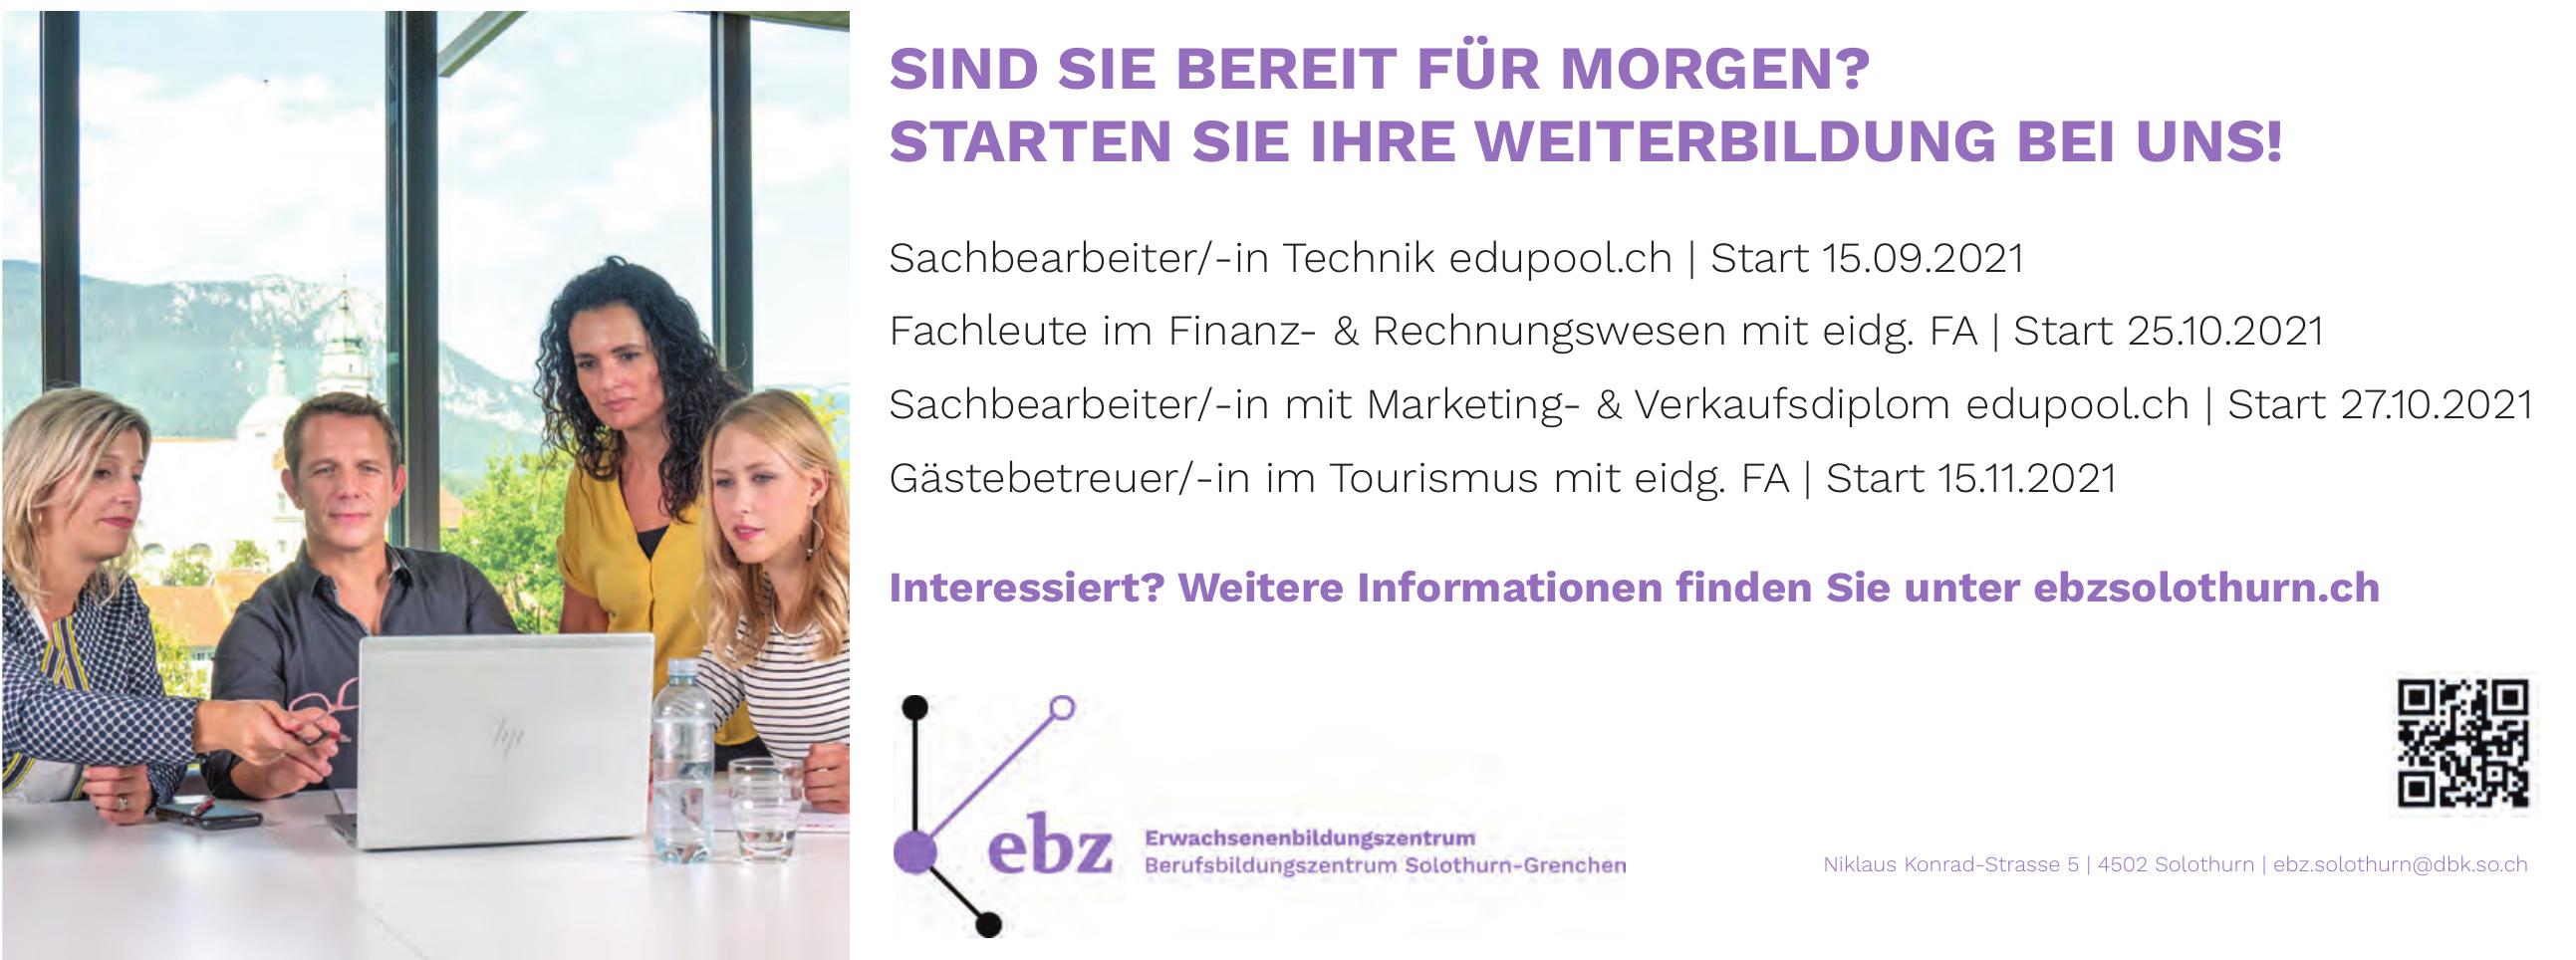 ebz Erwachsenenbildungszentrum Berufsbildungszentrum Solothurn-Grenchen